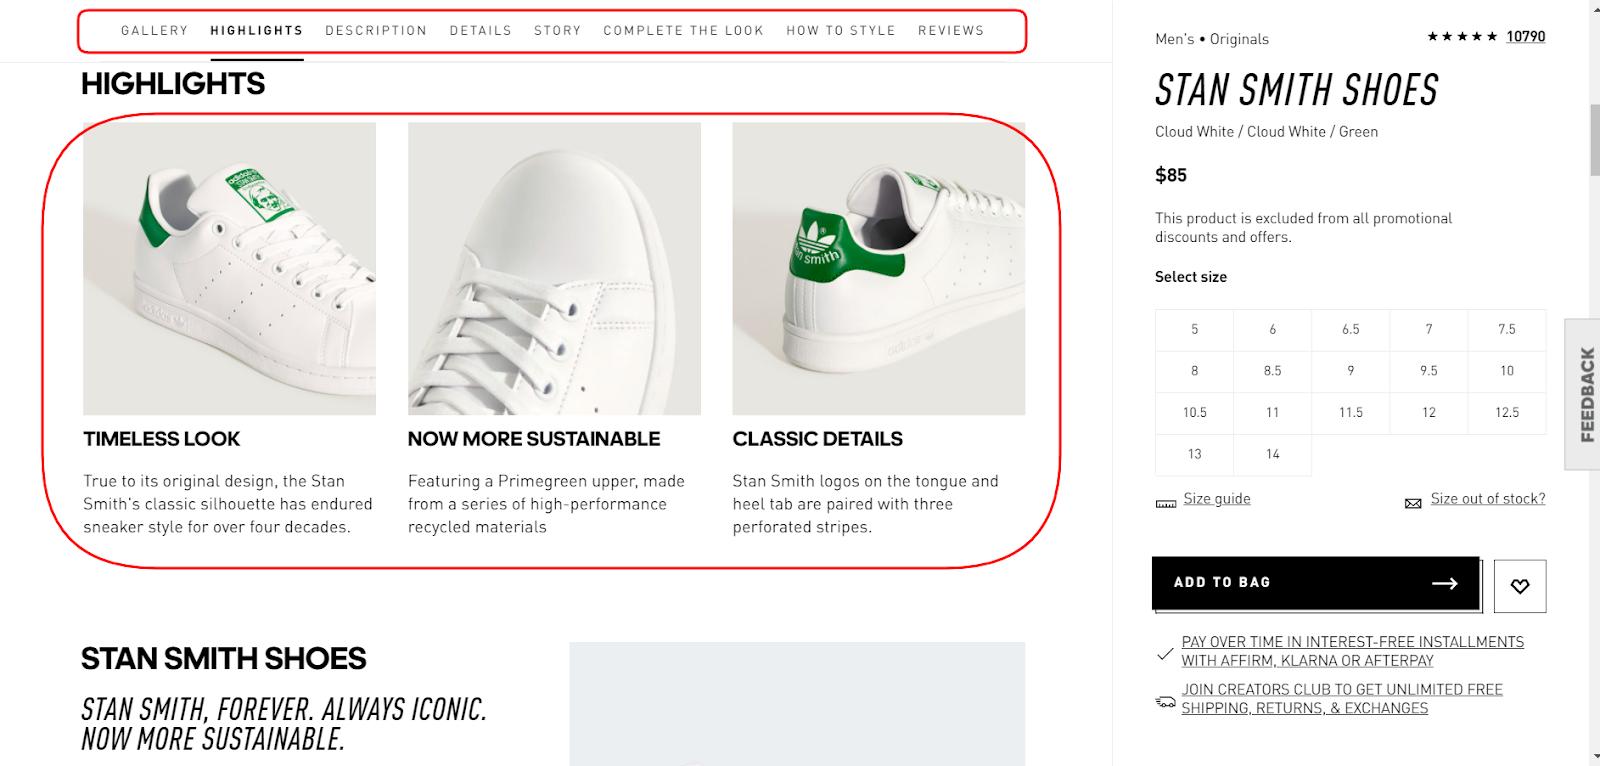 USP on Adidas website